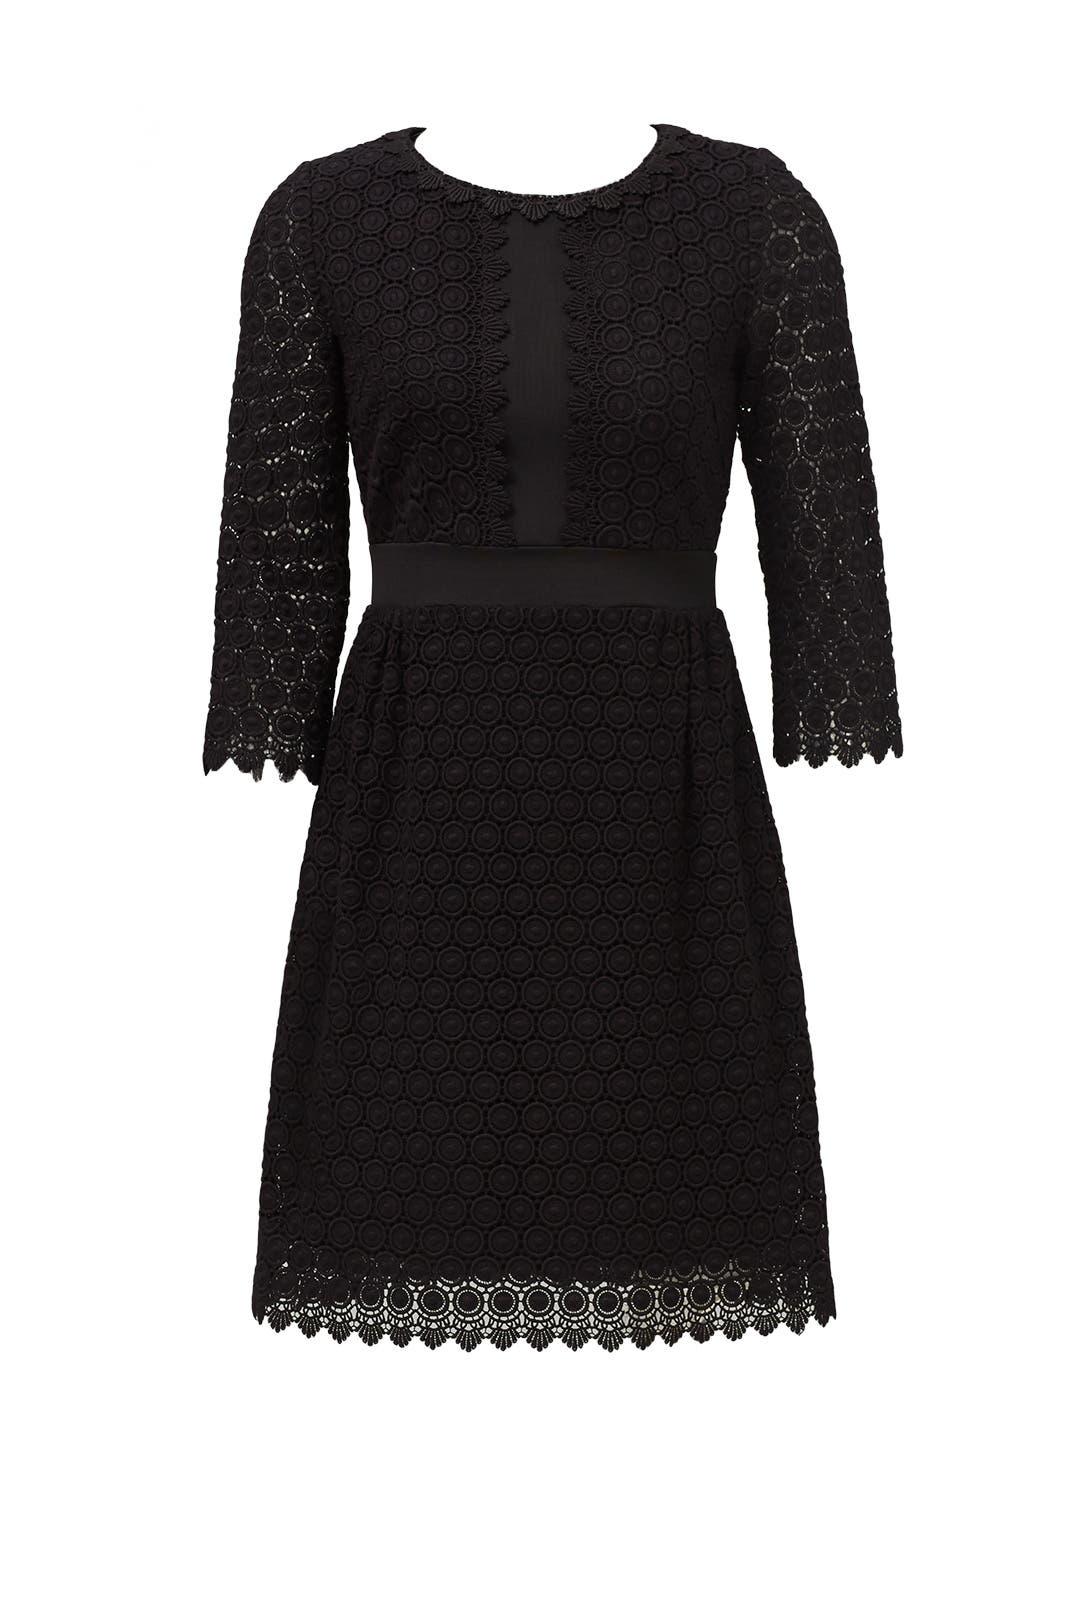 Black Nolly Dress by Diane von Furstenberg for $90 | Rent the Runway